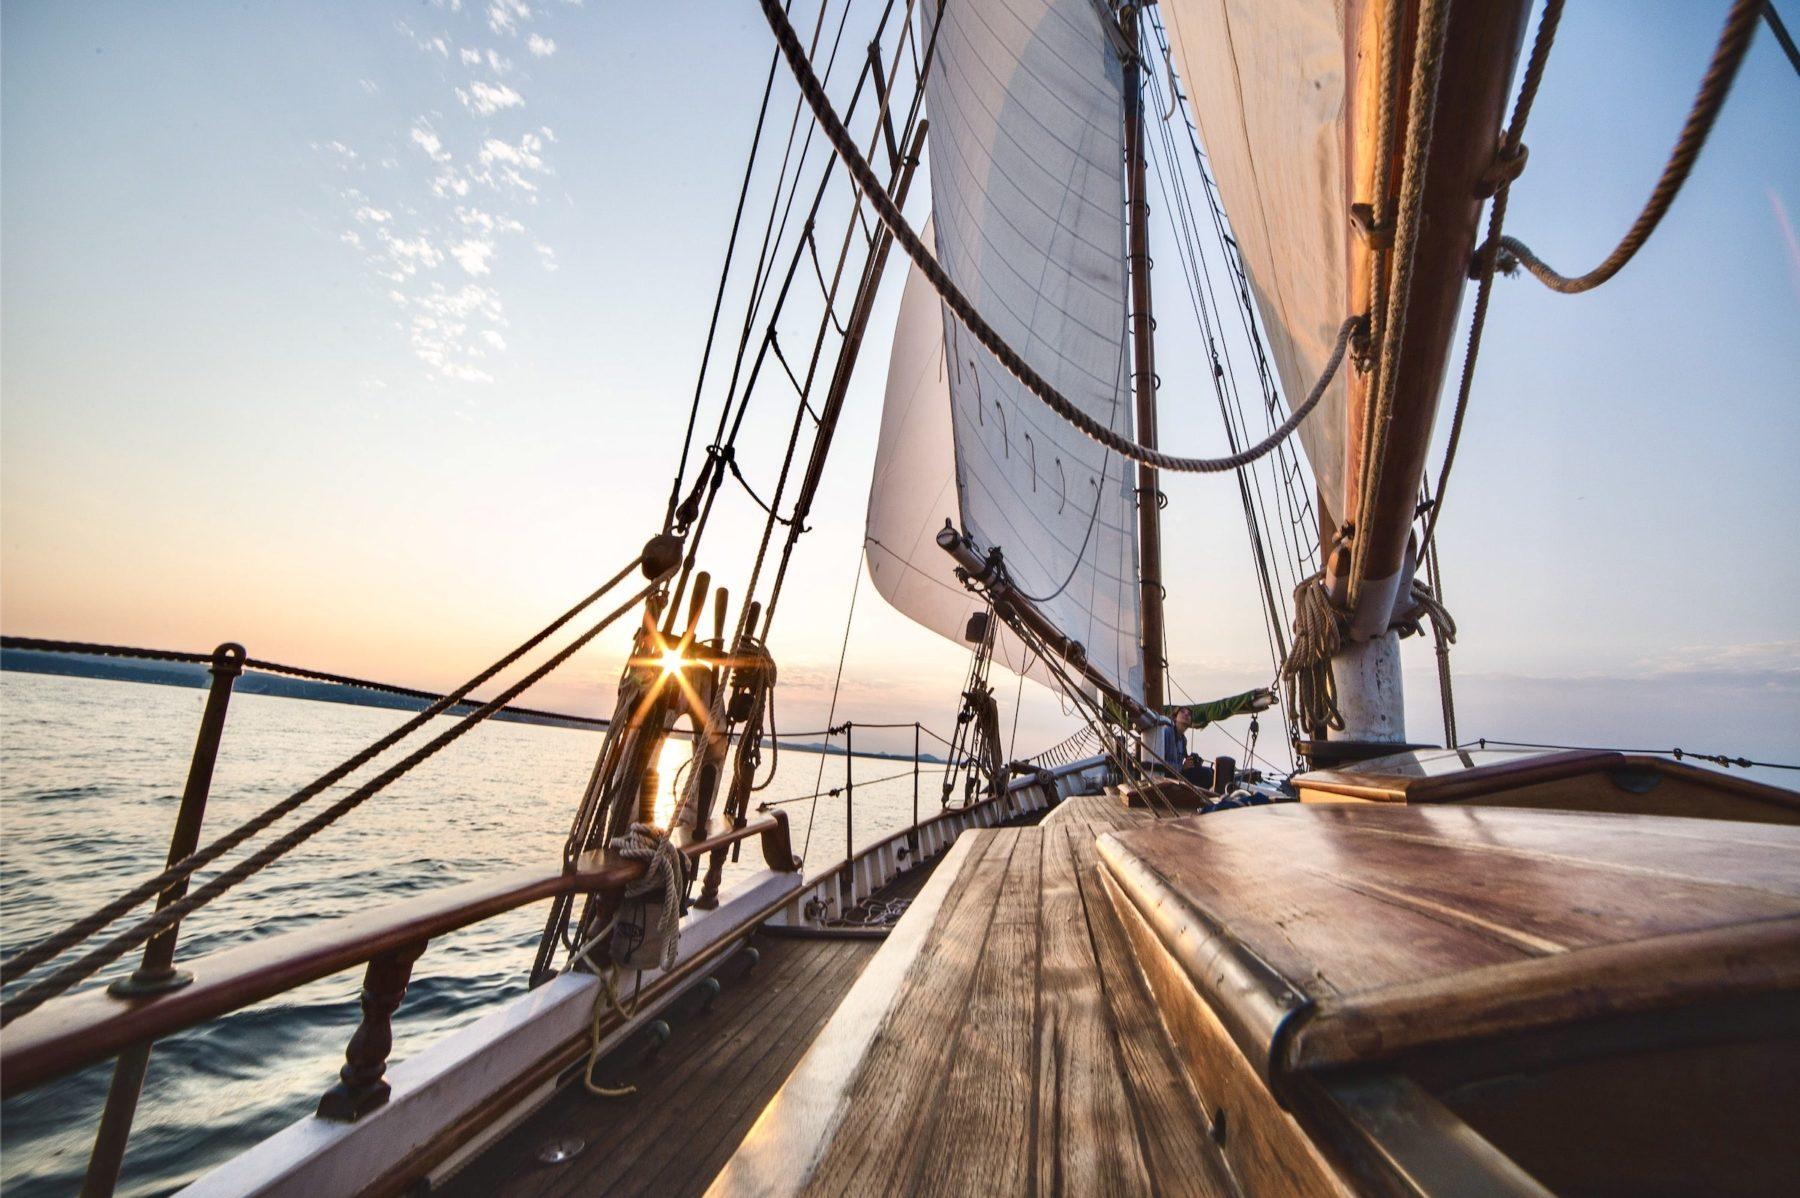 Je pars à l'aventure en voilier